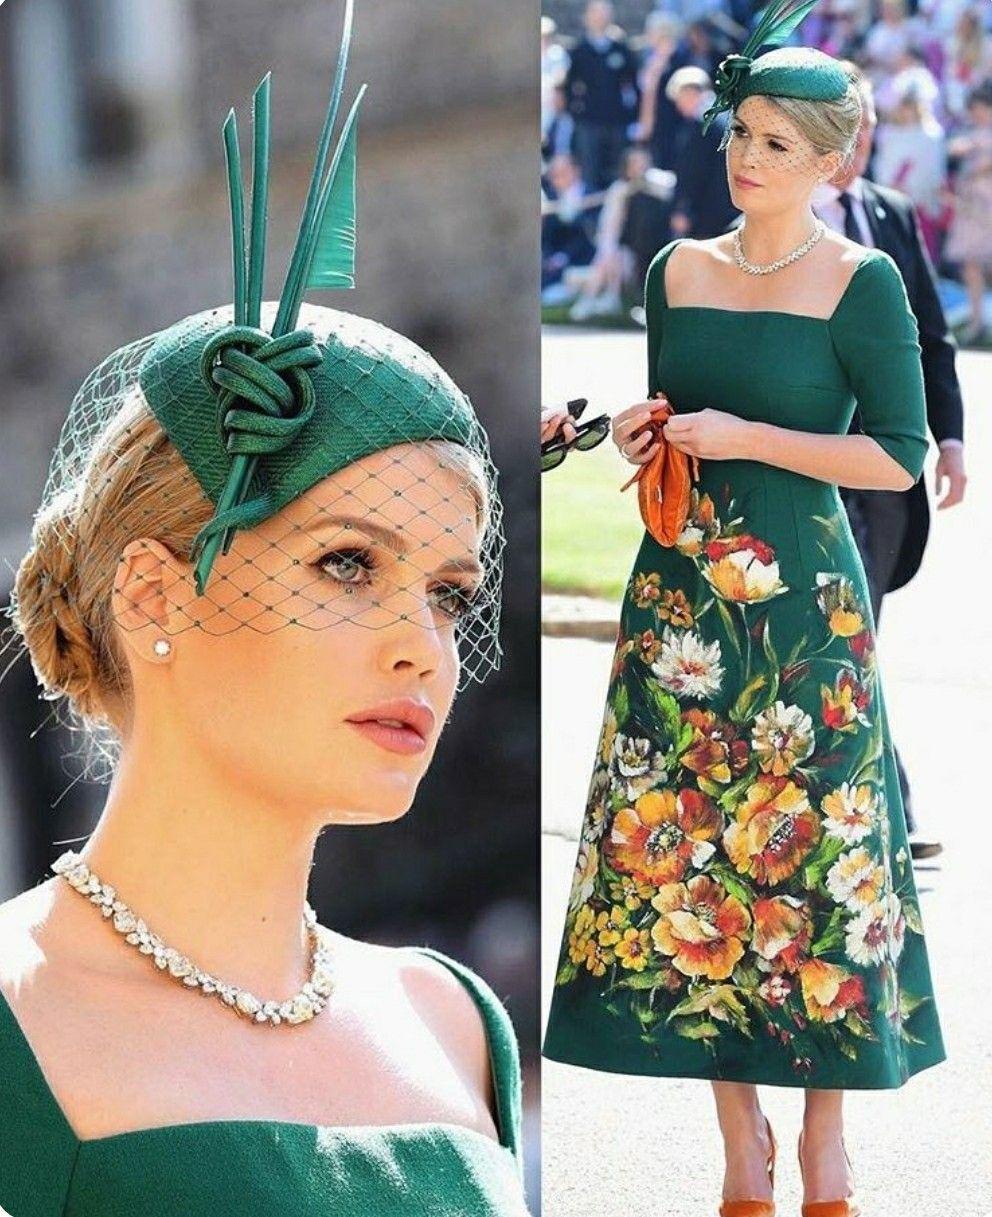 e90fb16d0a171 Lady Kitty Spencer, sobrinha de Lady Di, que desfilou no último desfile da  Dolce   Gabbana, escolheu look da grife italiana Foto  Gareth Fuller Po(...)